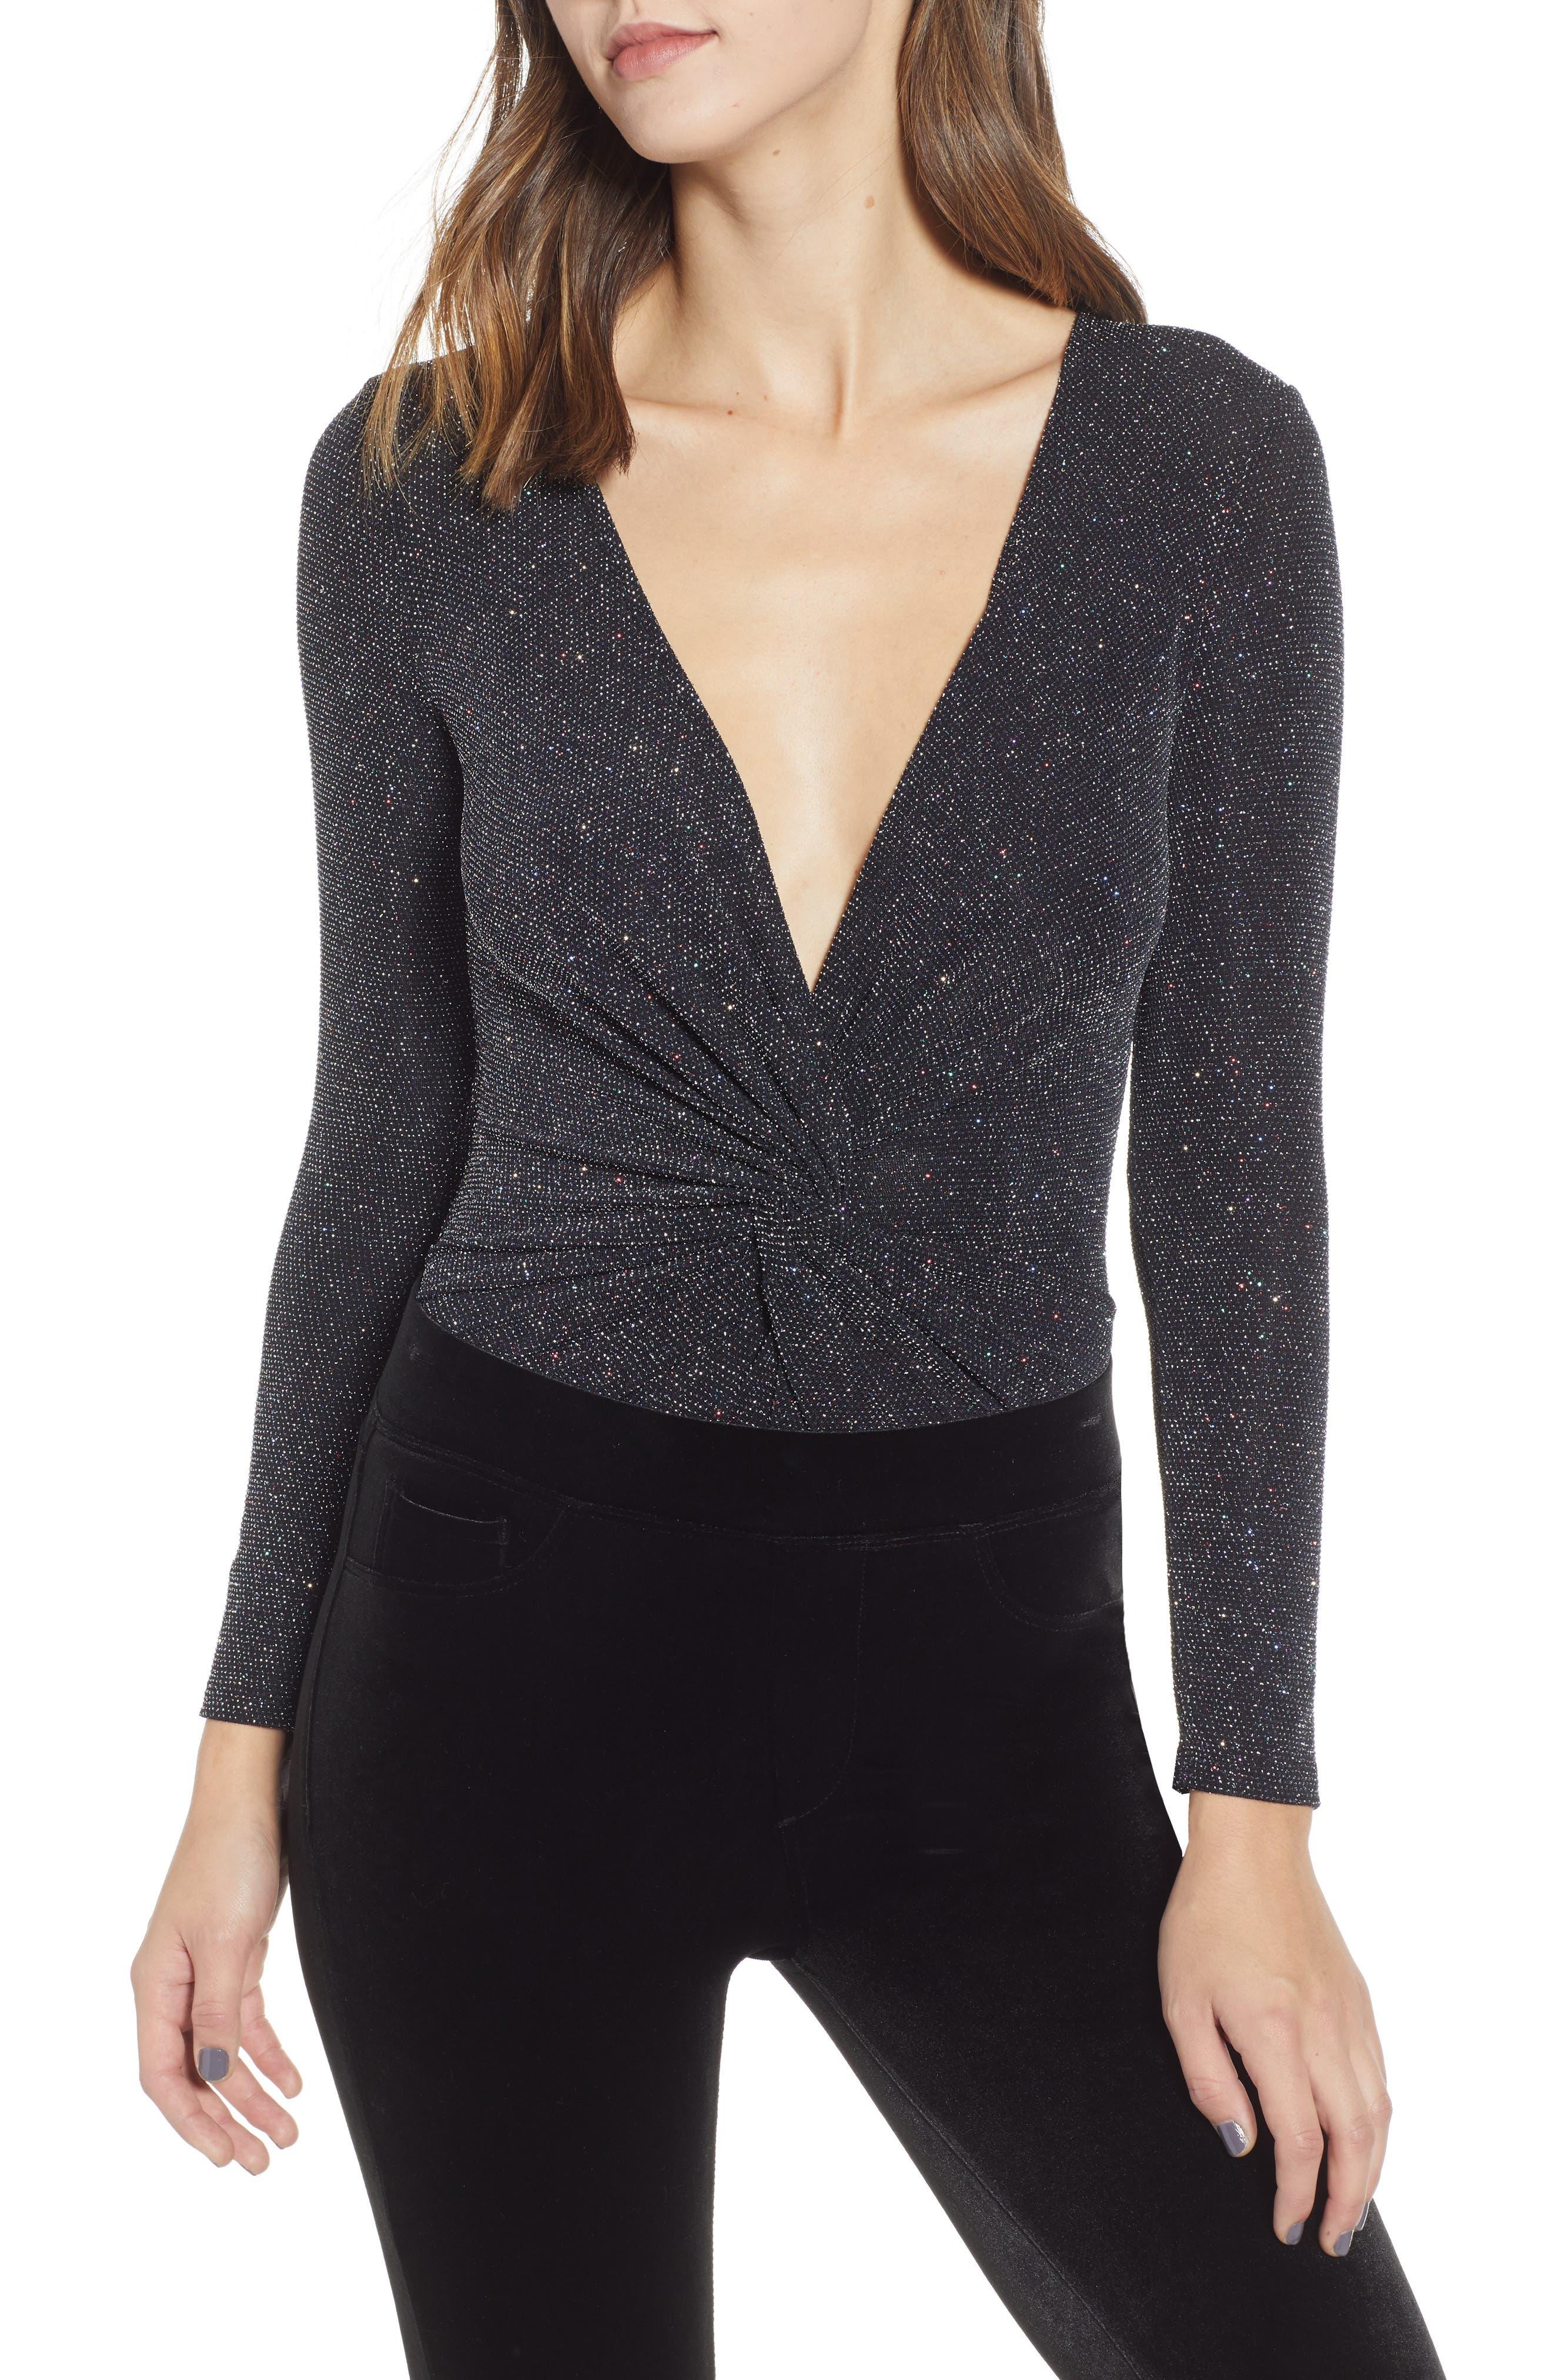 Sparkle Twist Front Bodysuit,                             Main thumbnail 1, color,                             BLACK MULTI GLITTER